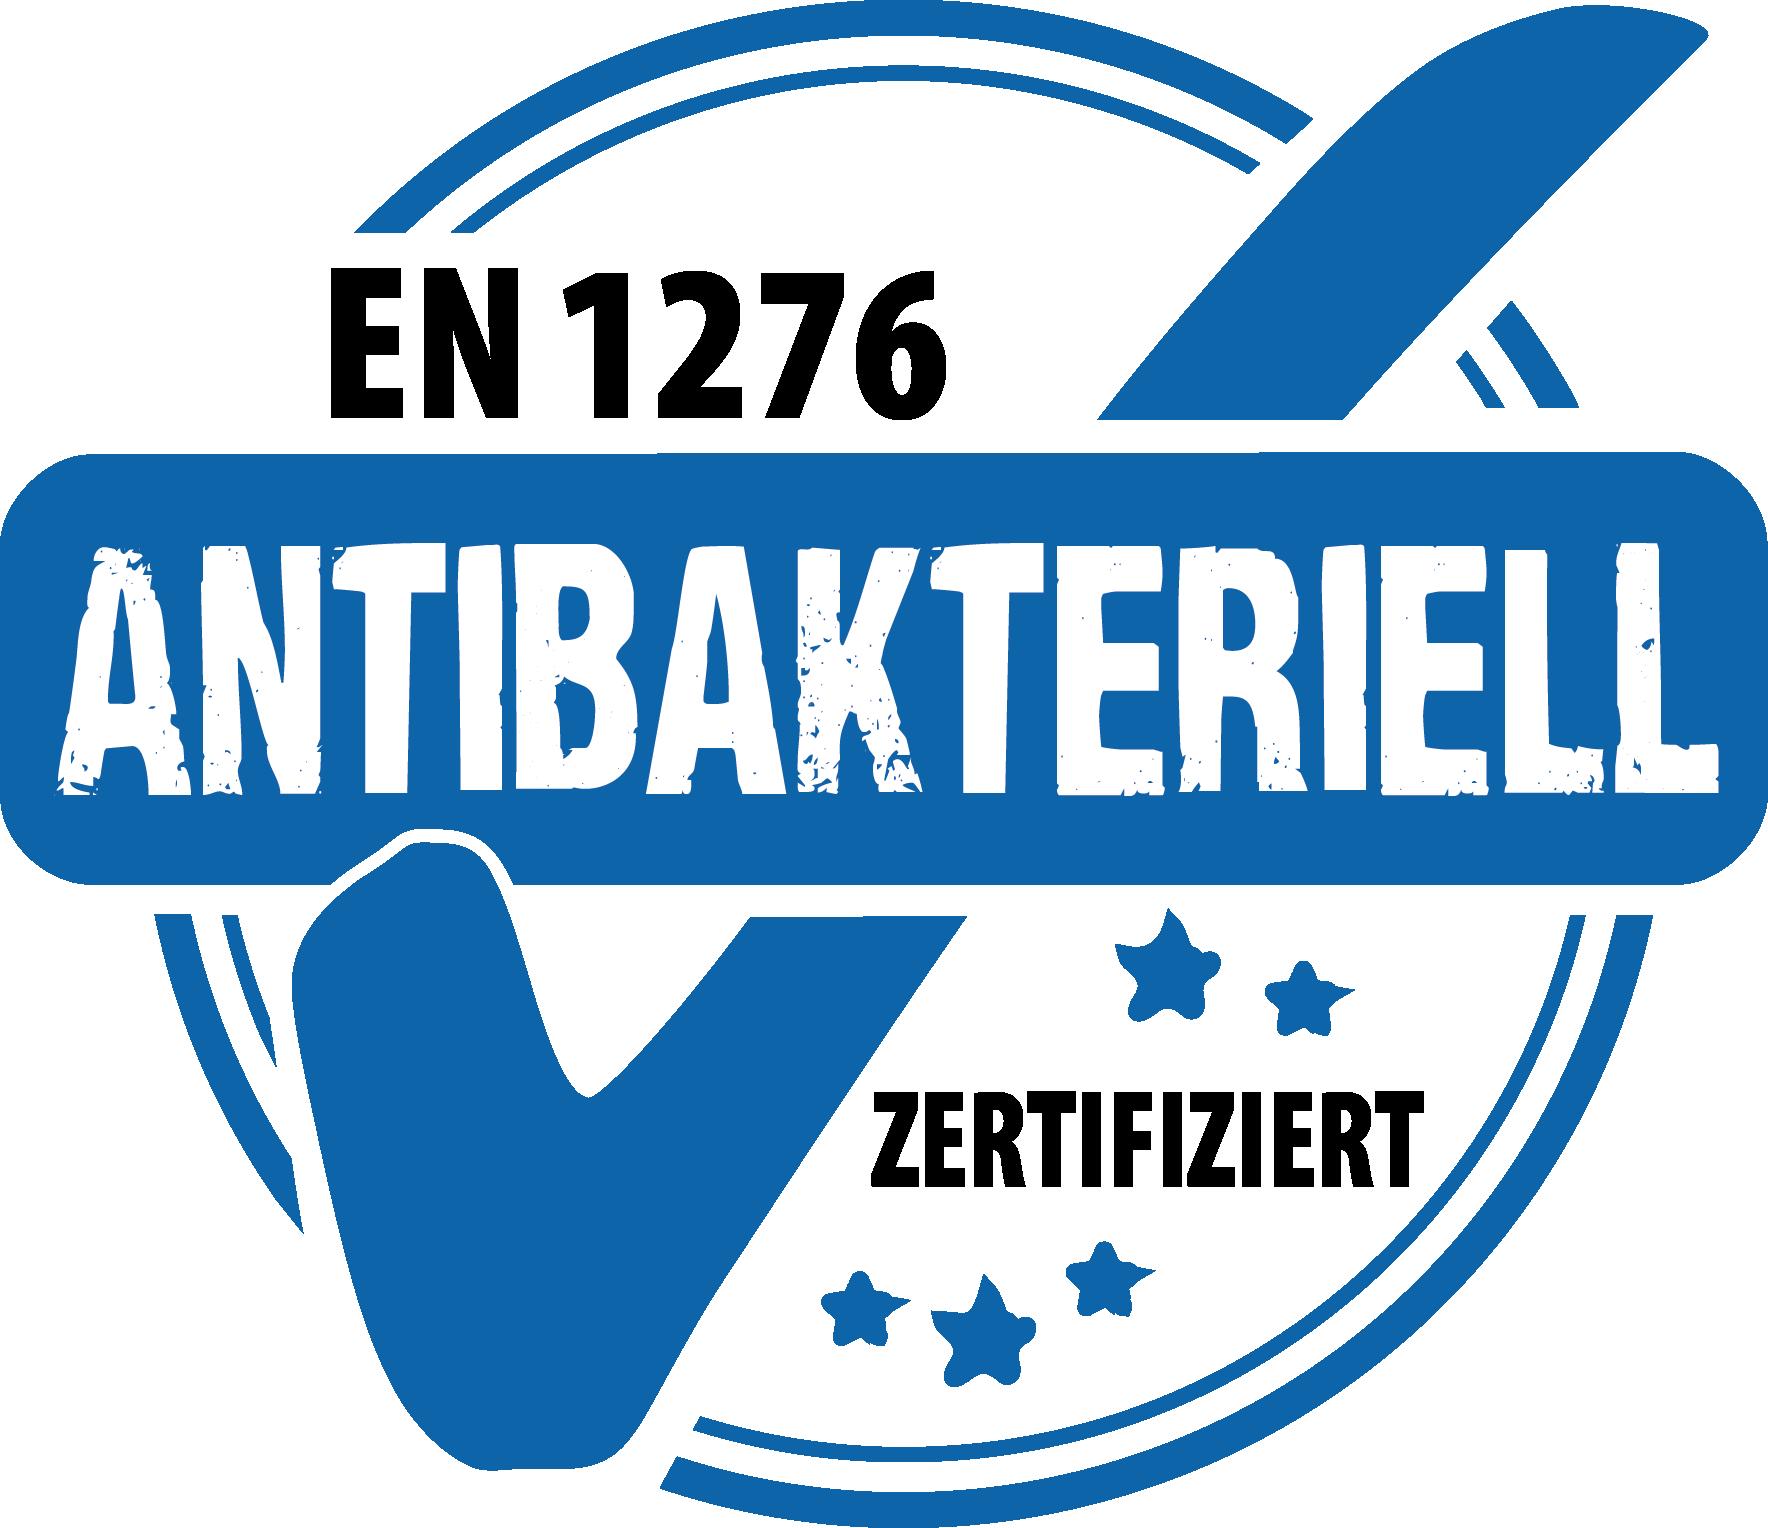 Antibacterial EN1276